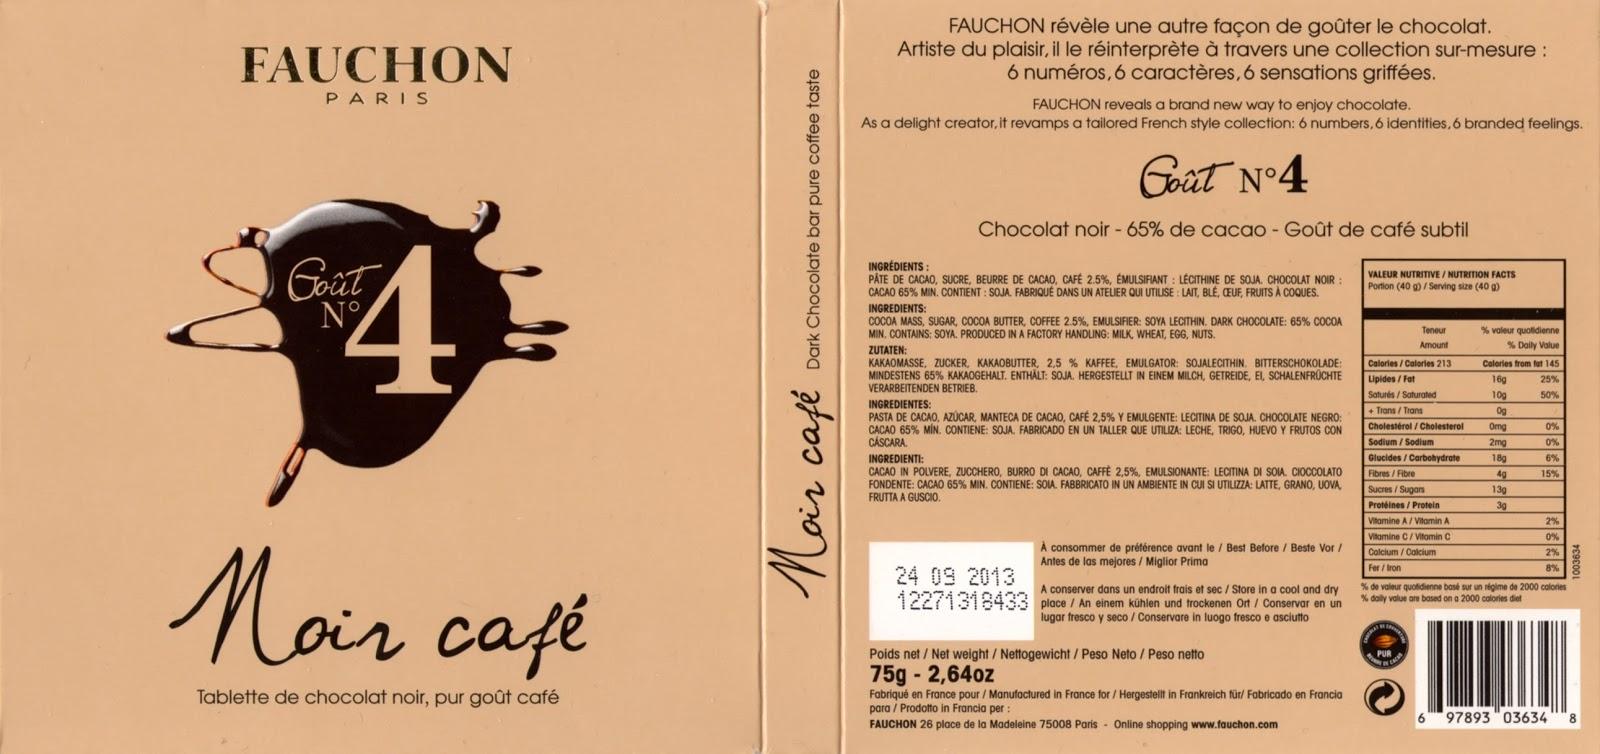 tablette de chocolat noir gourmand fauchon goût n° 4 noir café